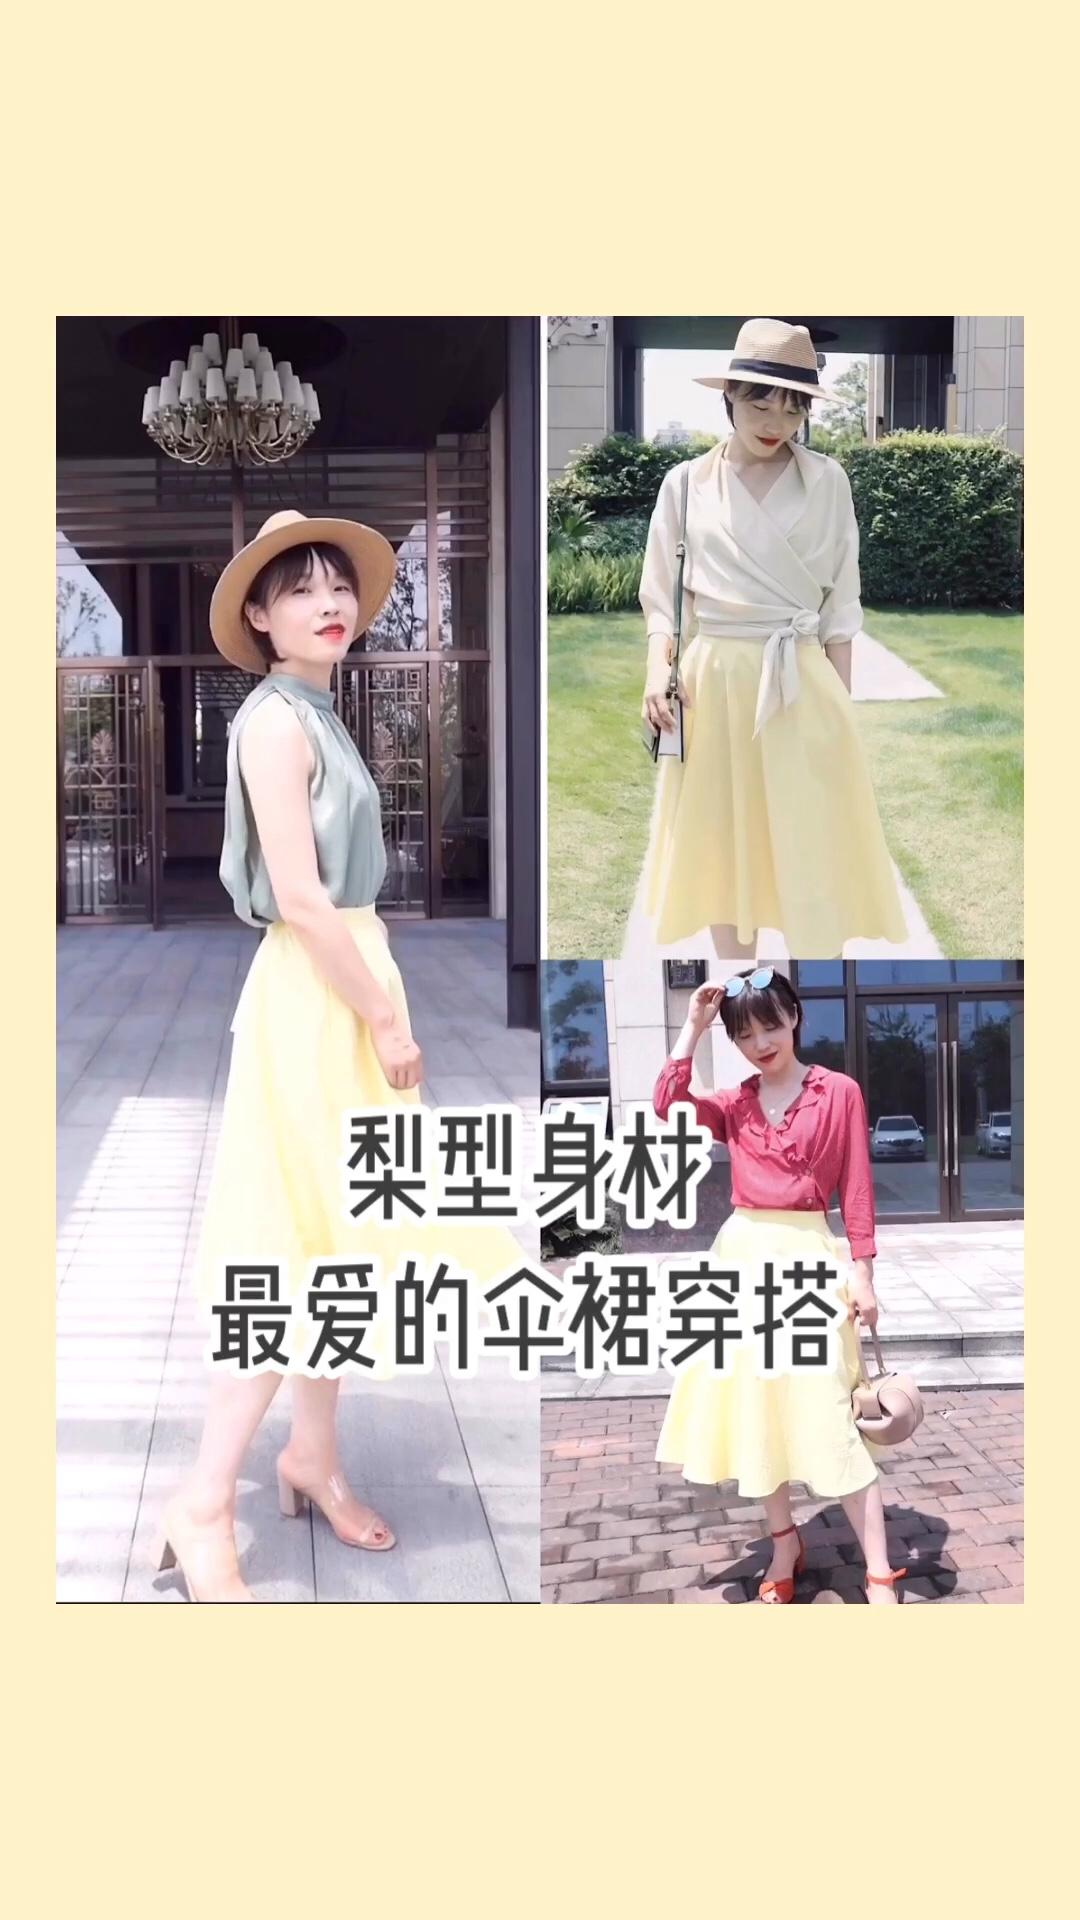 #下半身胖裙子怎么选?#  关注我的宝宝都知道我超爱各种伞裙 今天就来给大家分享一下这条黄色伞裙的多种搭配(掌声在哪里)😄 黄色也是我最爱的颜色之一啦!真的比想象中的好搭配呢!这个鹅黄色饱和度较低,自带了几分温柔气息!这次搭配了米色,同样饱和度较低的绿色,还有比较亮的红色!你们最pick哪套呢?